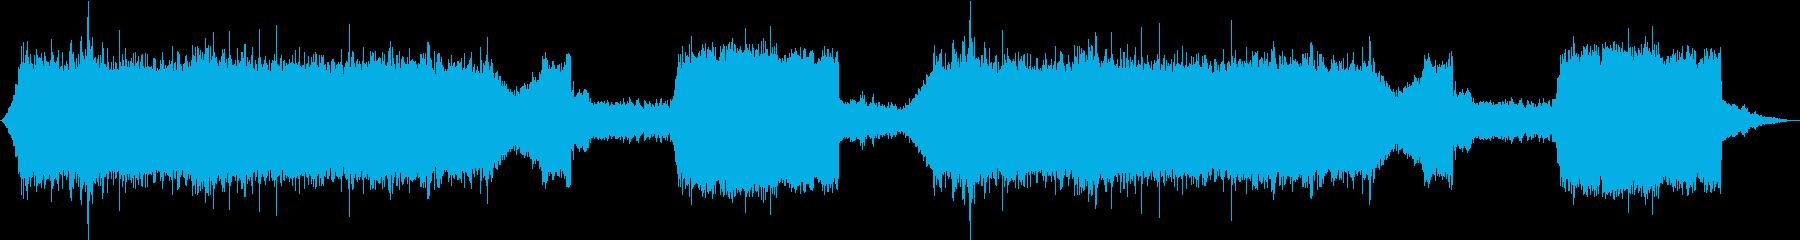 1/fゆらぎがたっぷりの自然音作品の再生済みの波形